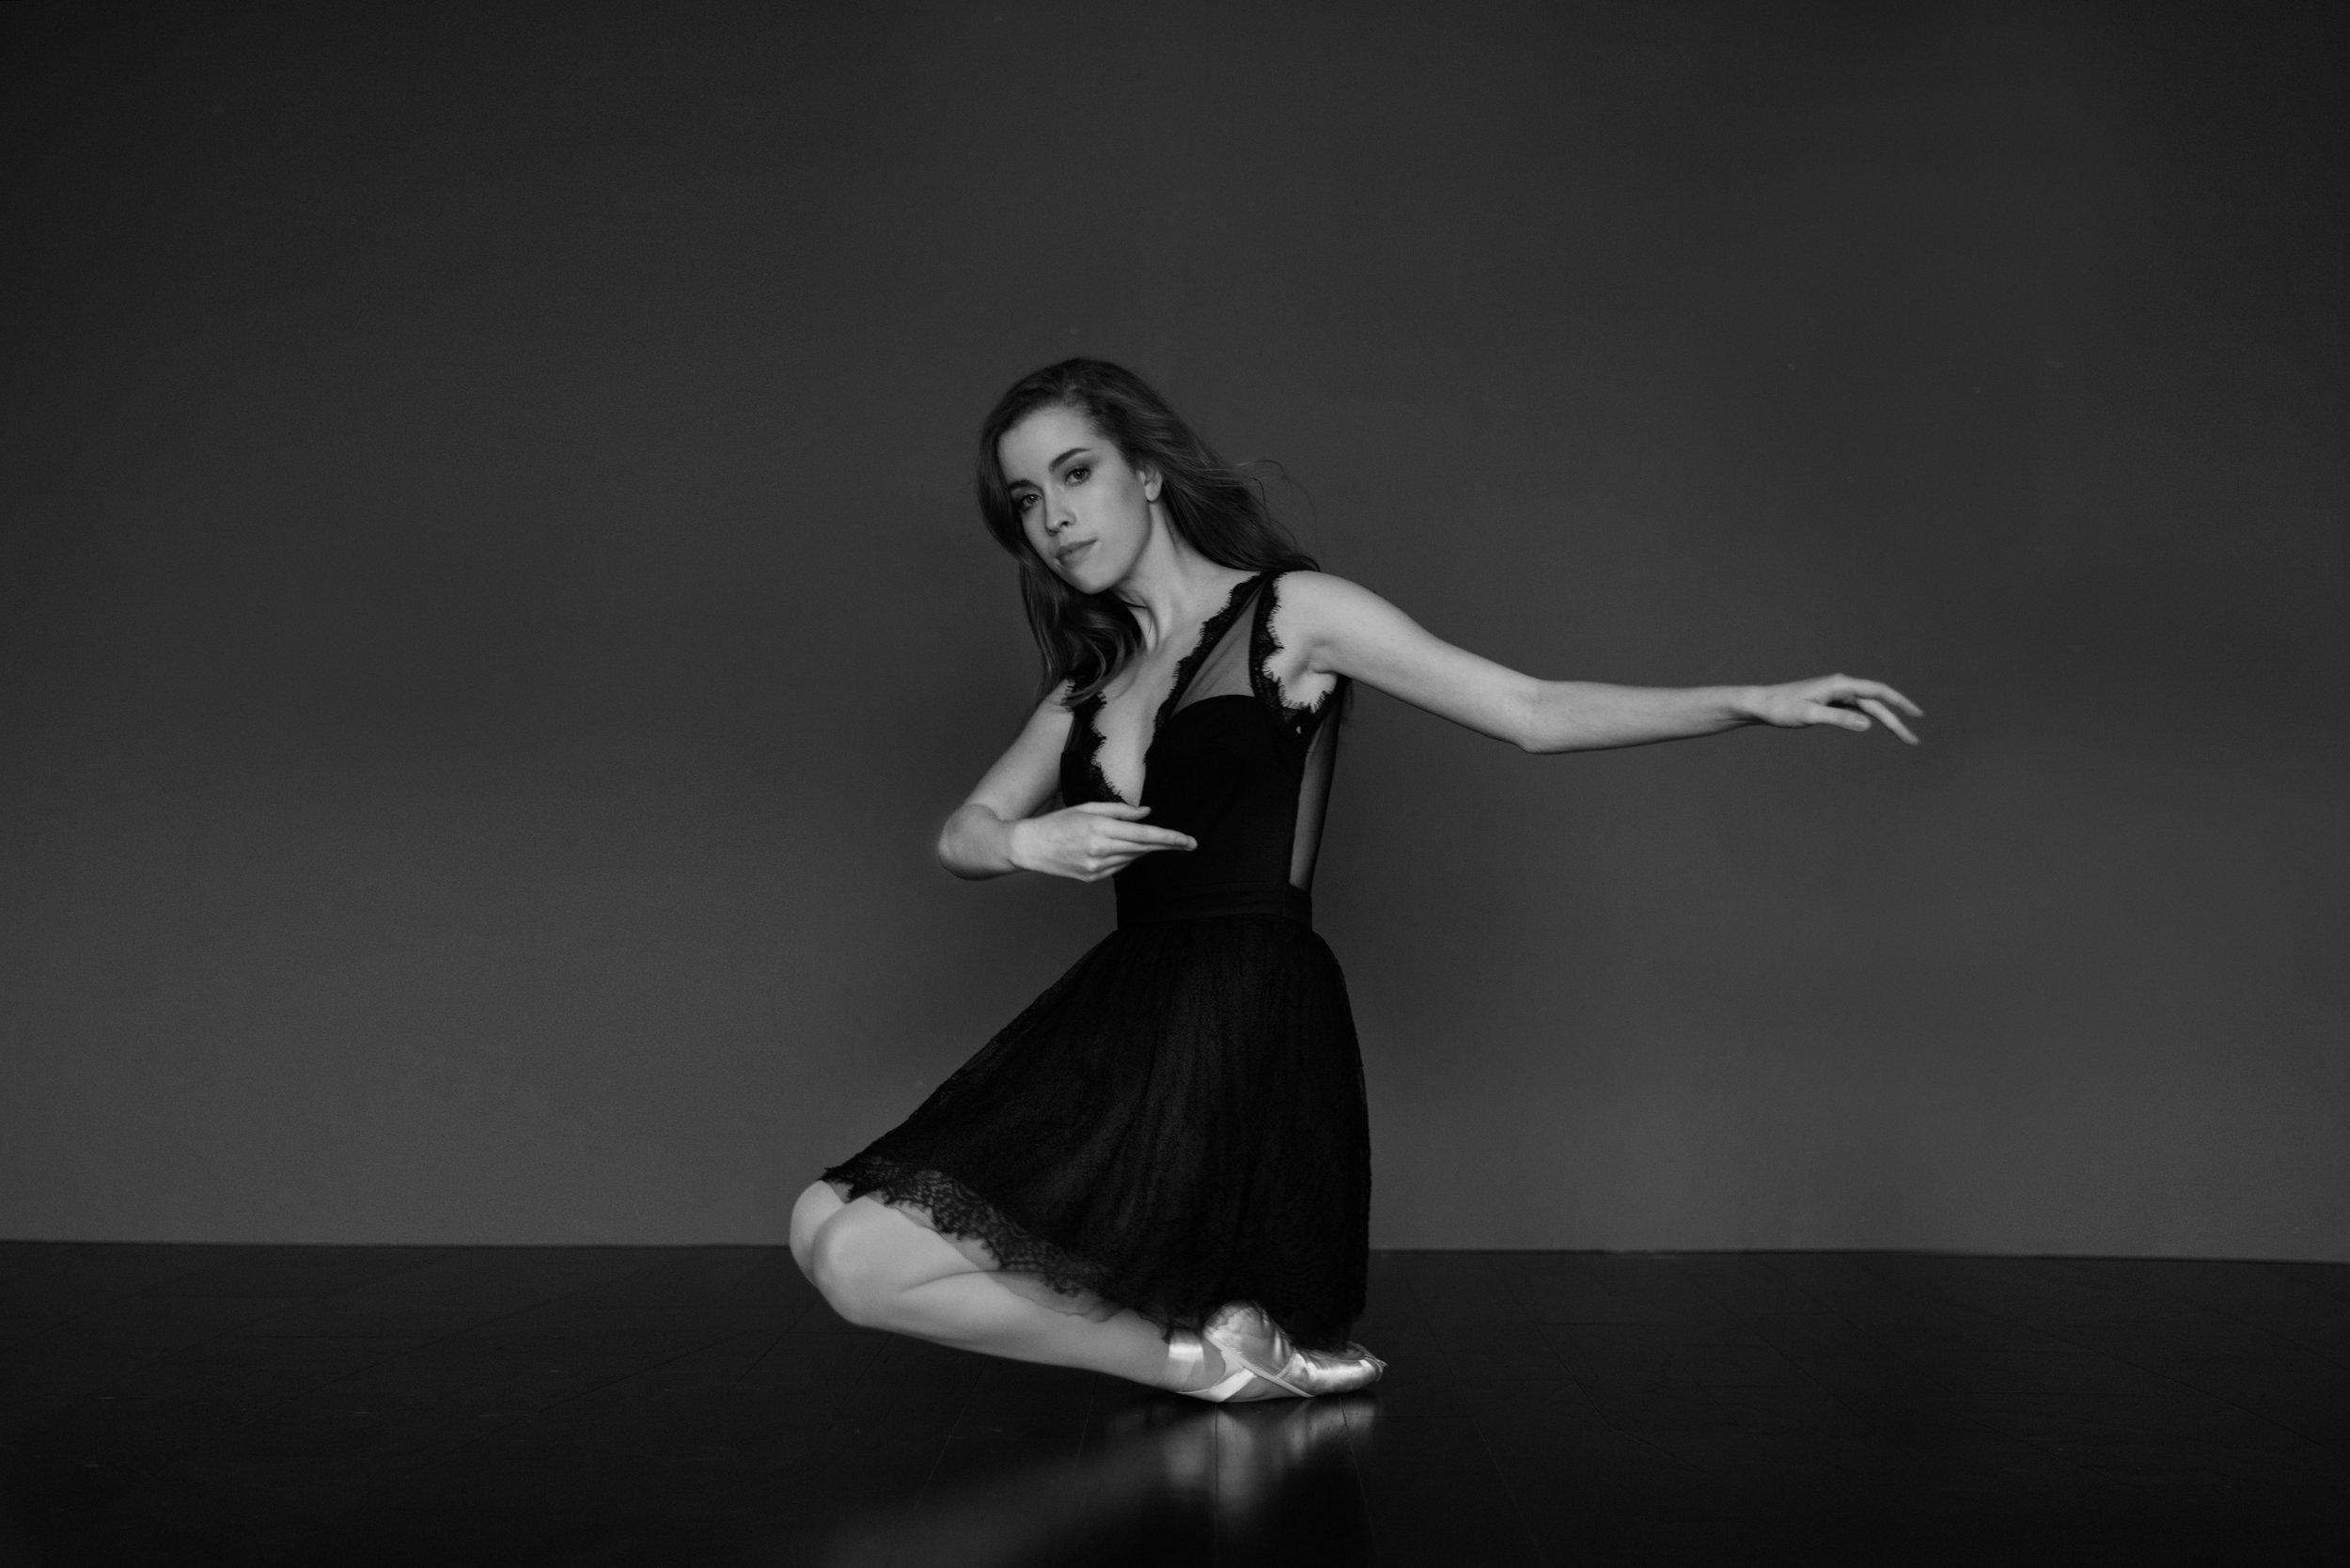 Ballet dancer Elizabeth-1.jpg